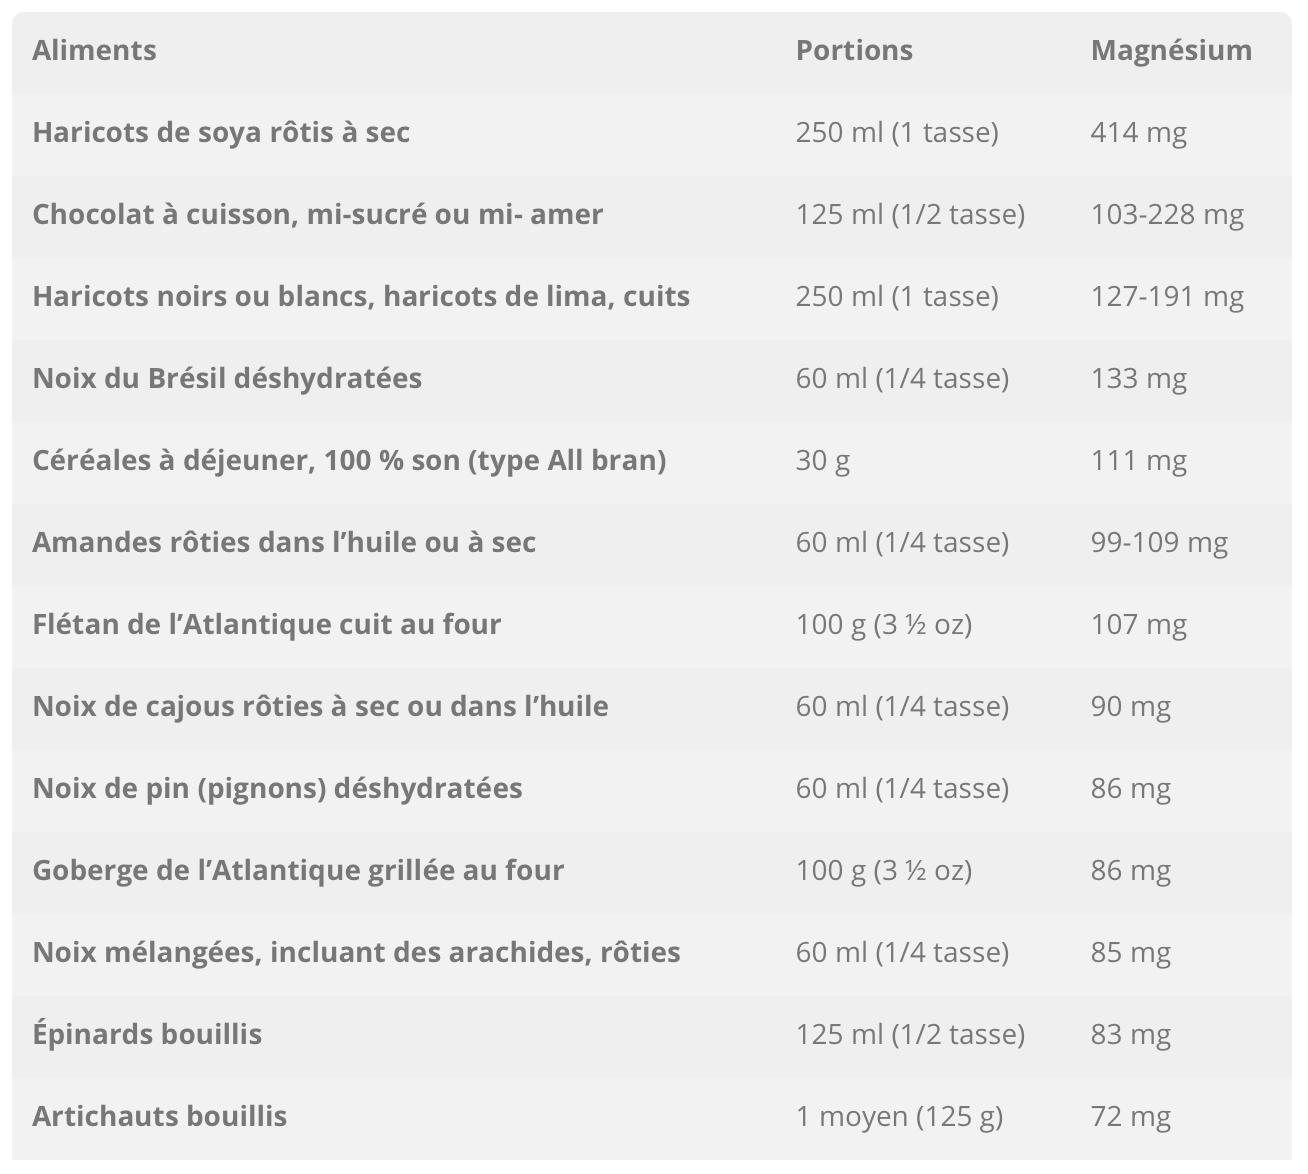 tableau pharmacie nice magnesium